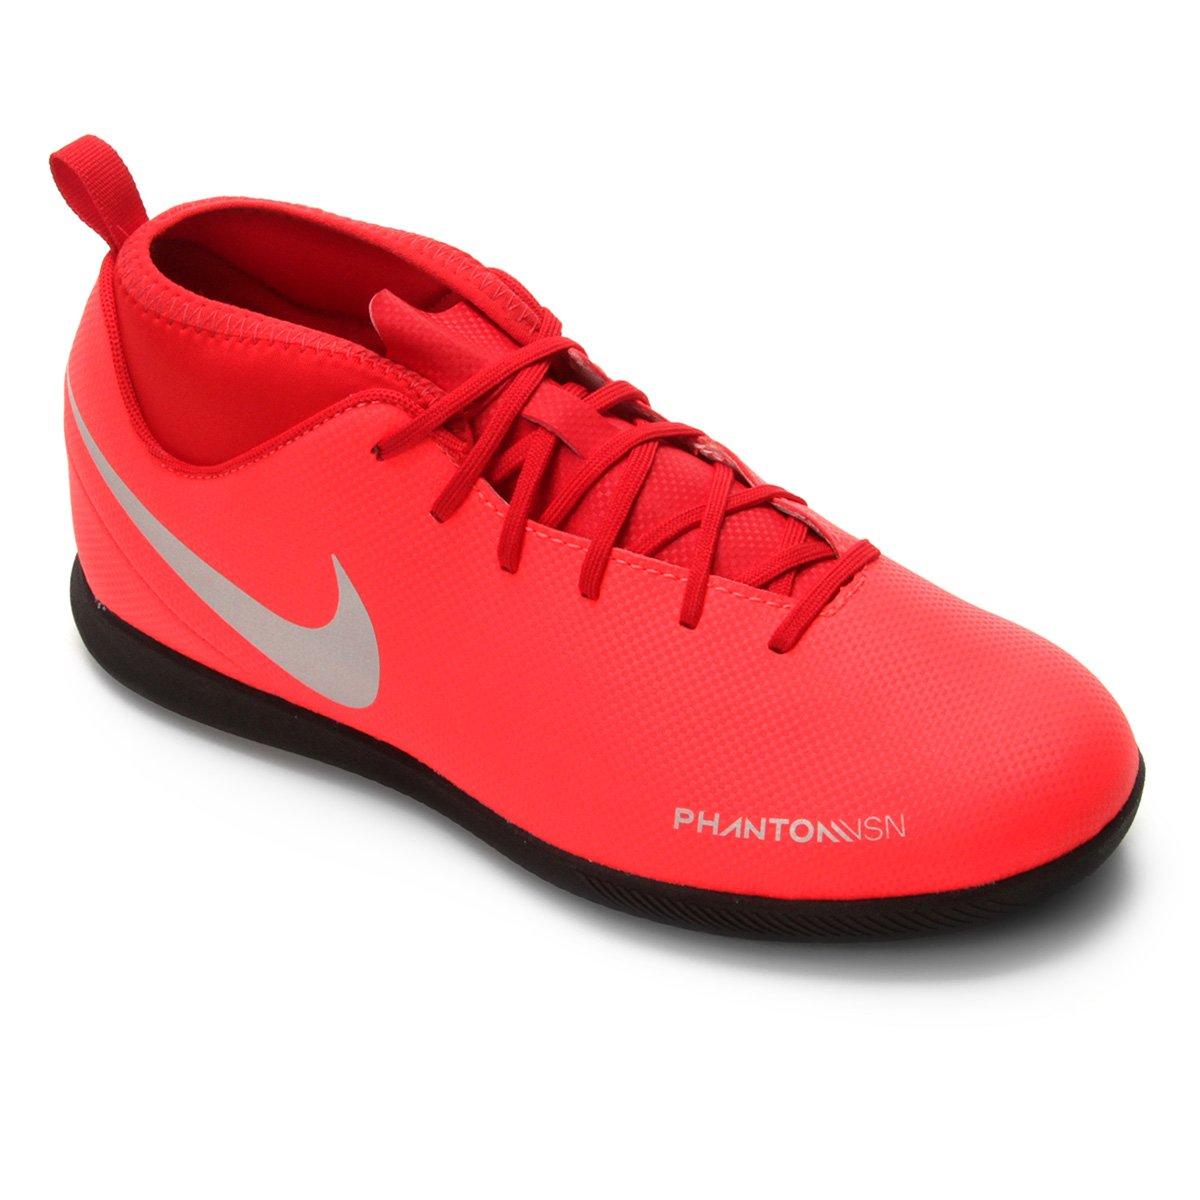 21317ceb3ec9e Chuteira Futsal Infantil Nike Phantom Vision Club DF IC - Vermelho e Prata  | Shop Timão